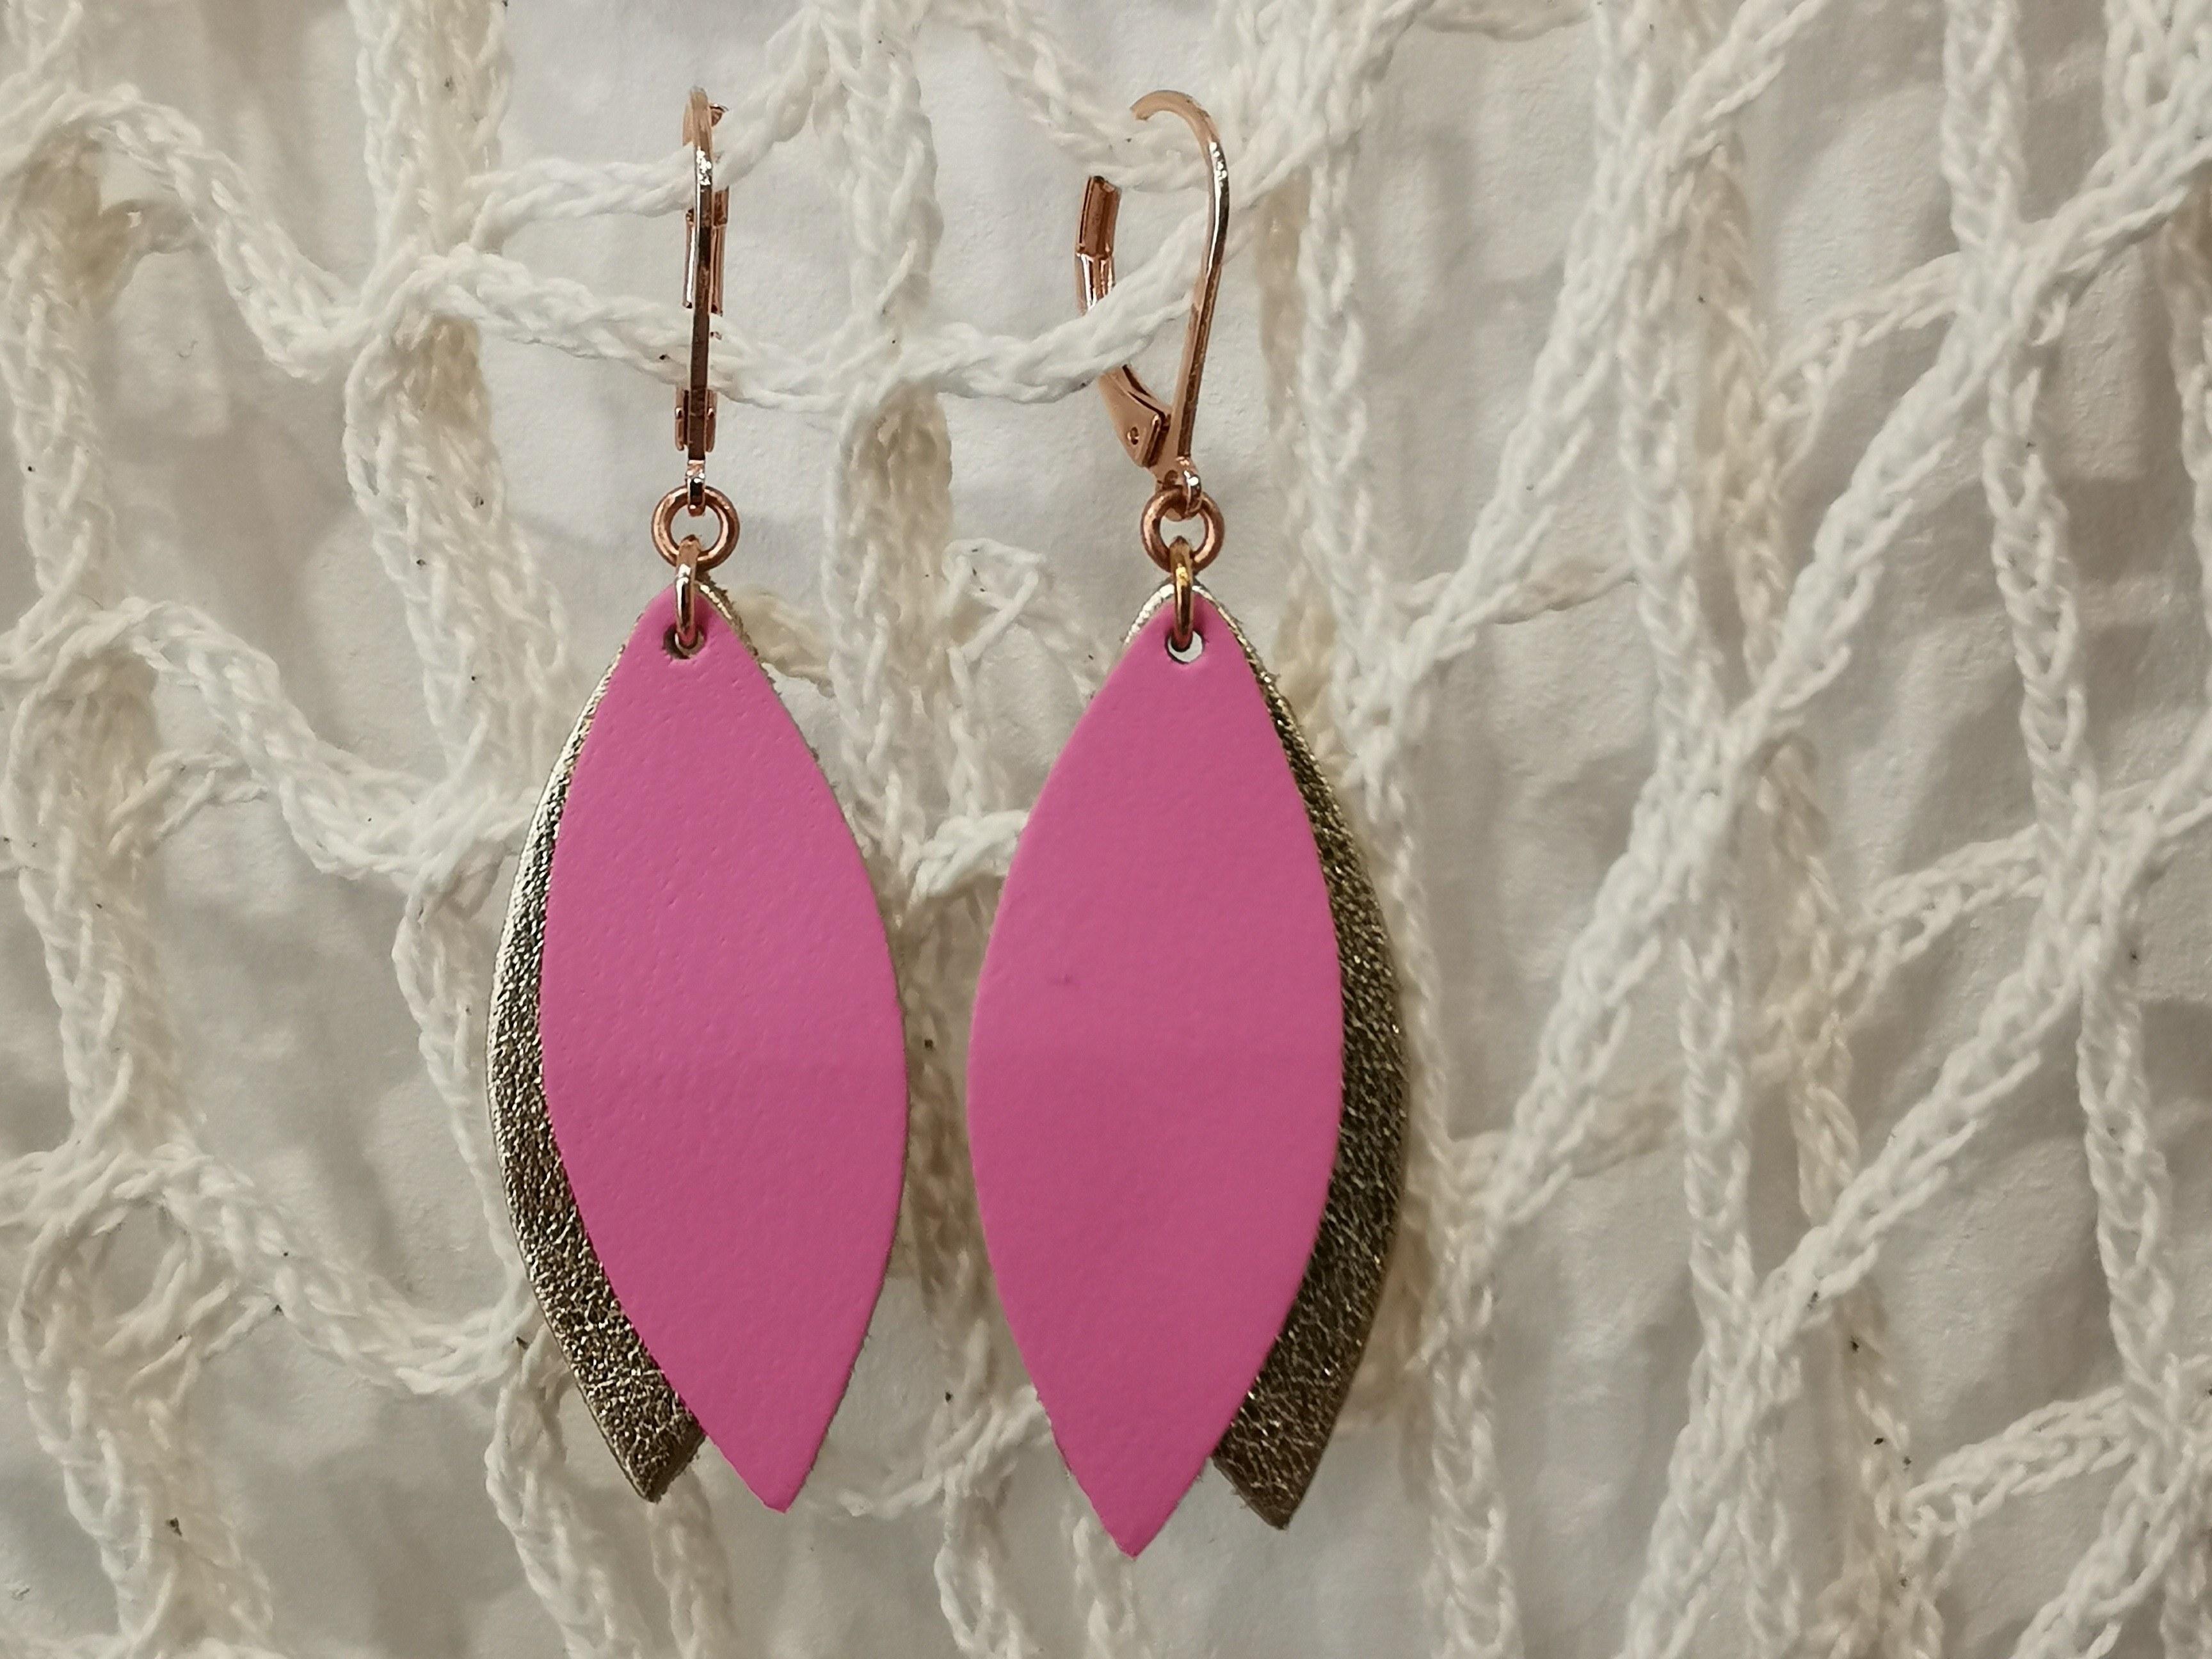 Boucles d'oreilles pétale rose de ni une ni deux